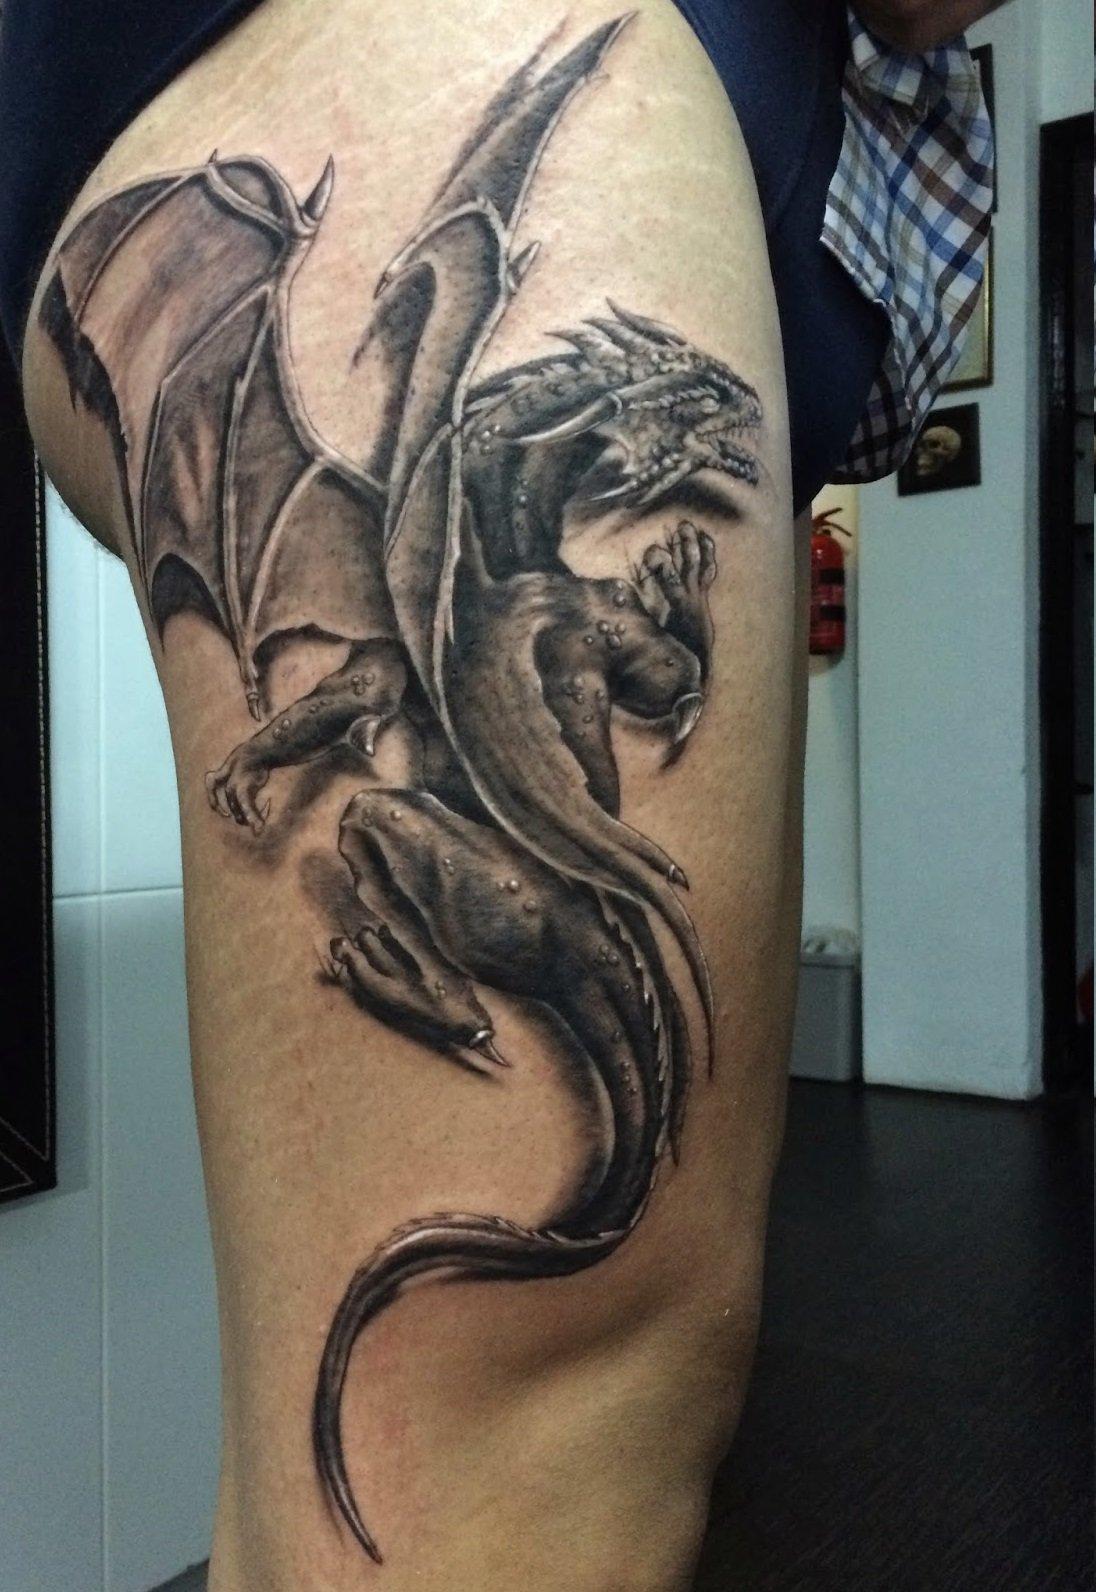 картинки татуировок драконов на ноге горожанина есть